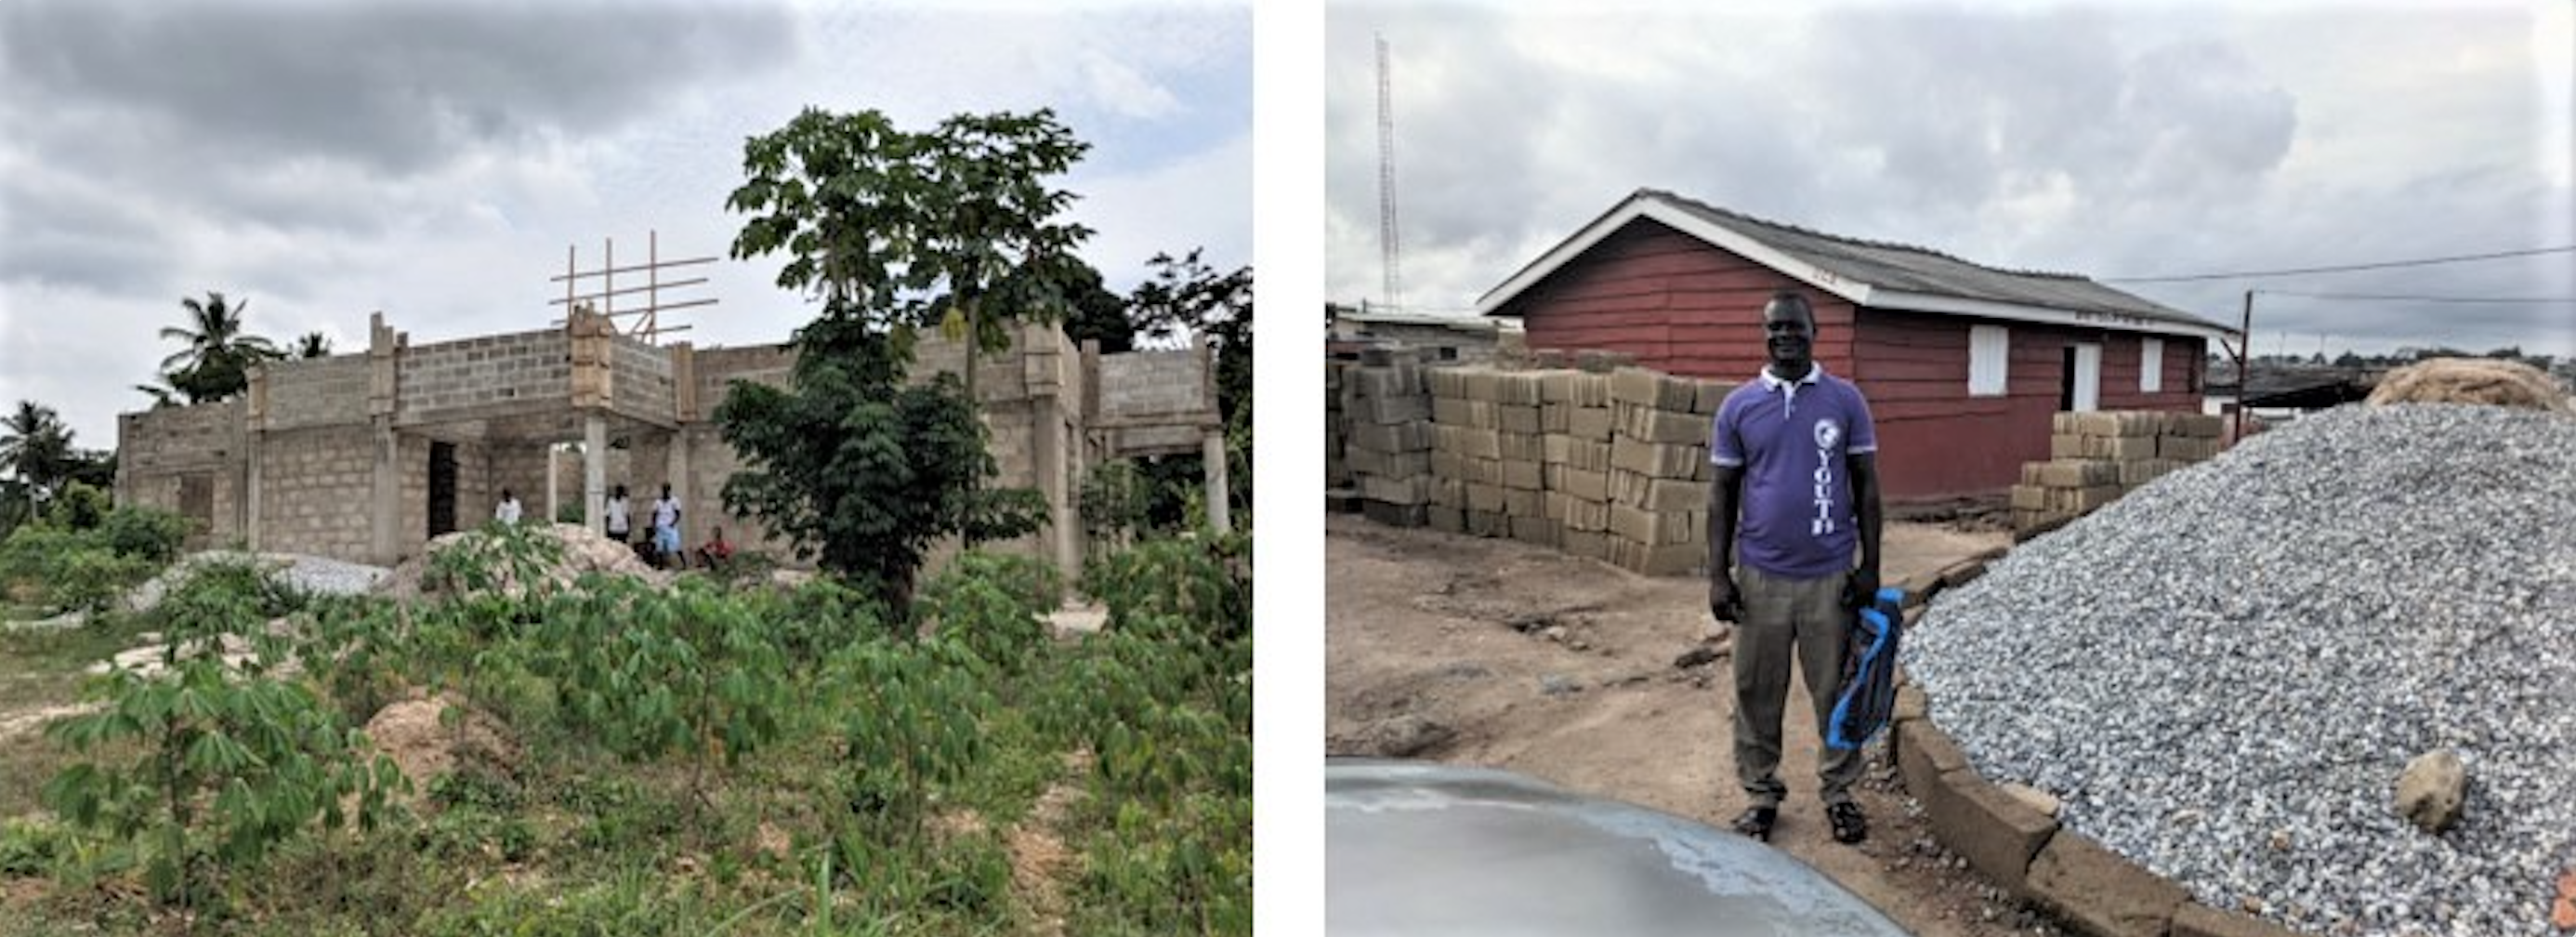 Kwanyako and Winneba church buildings and community centers.